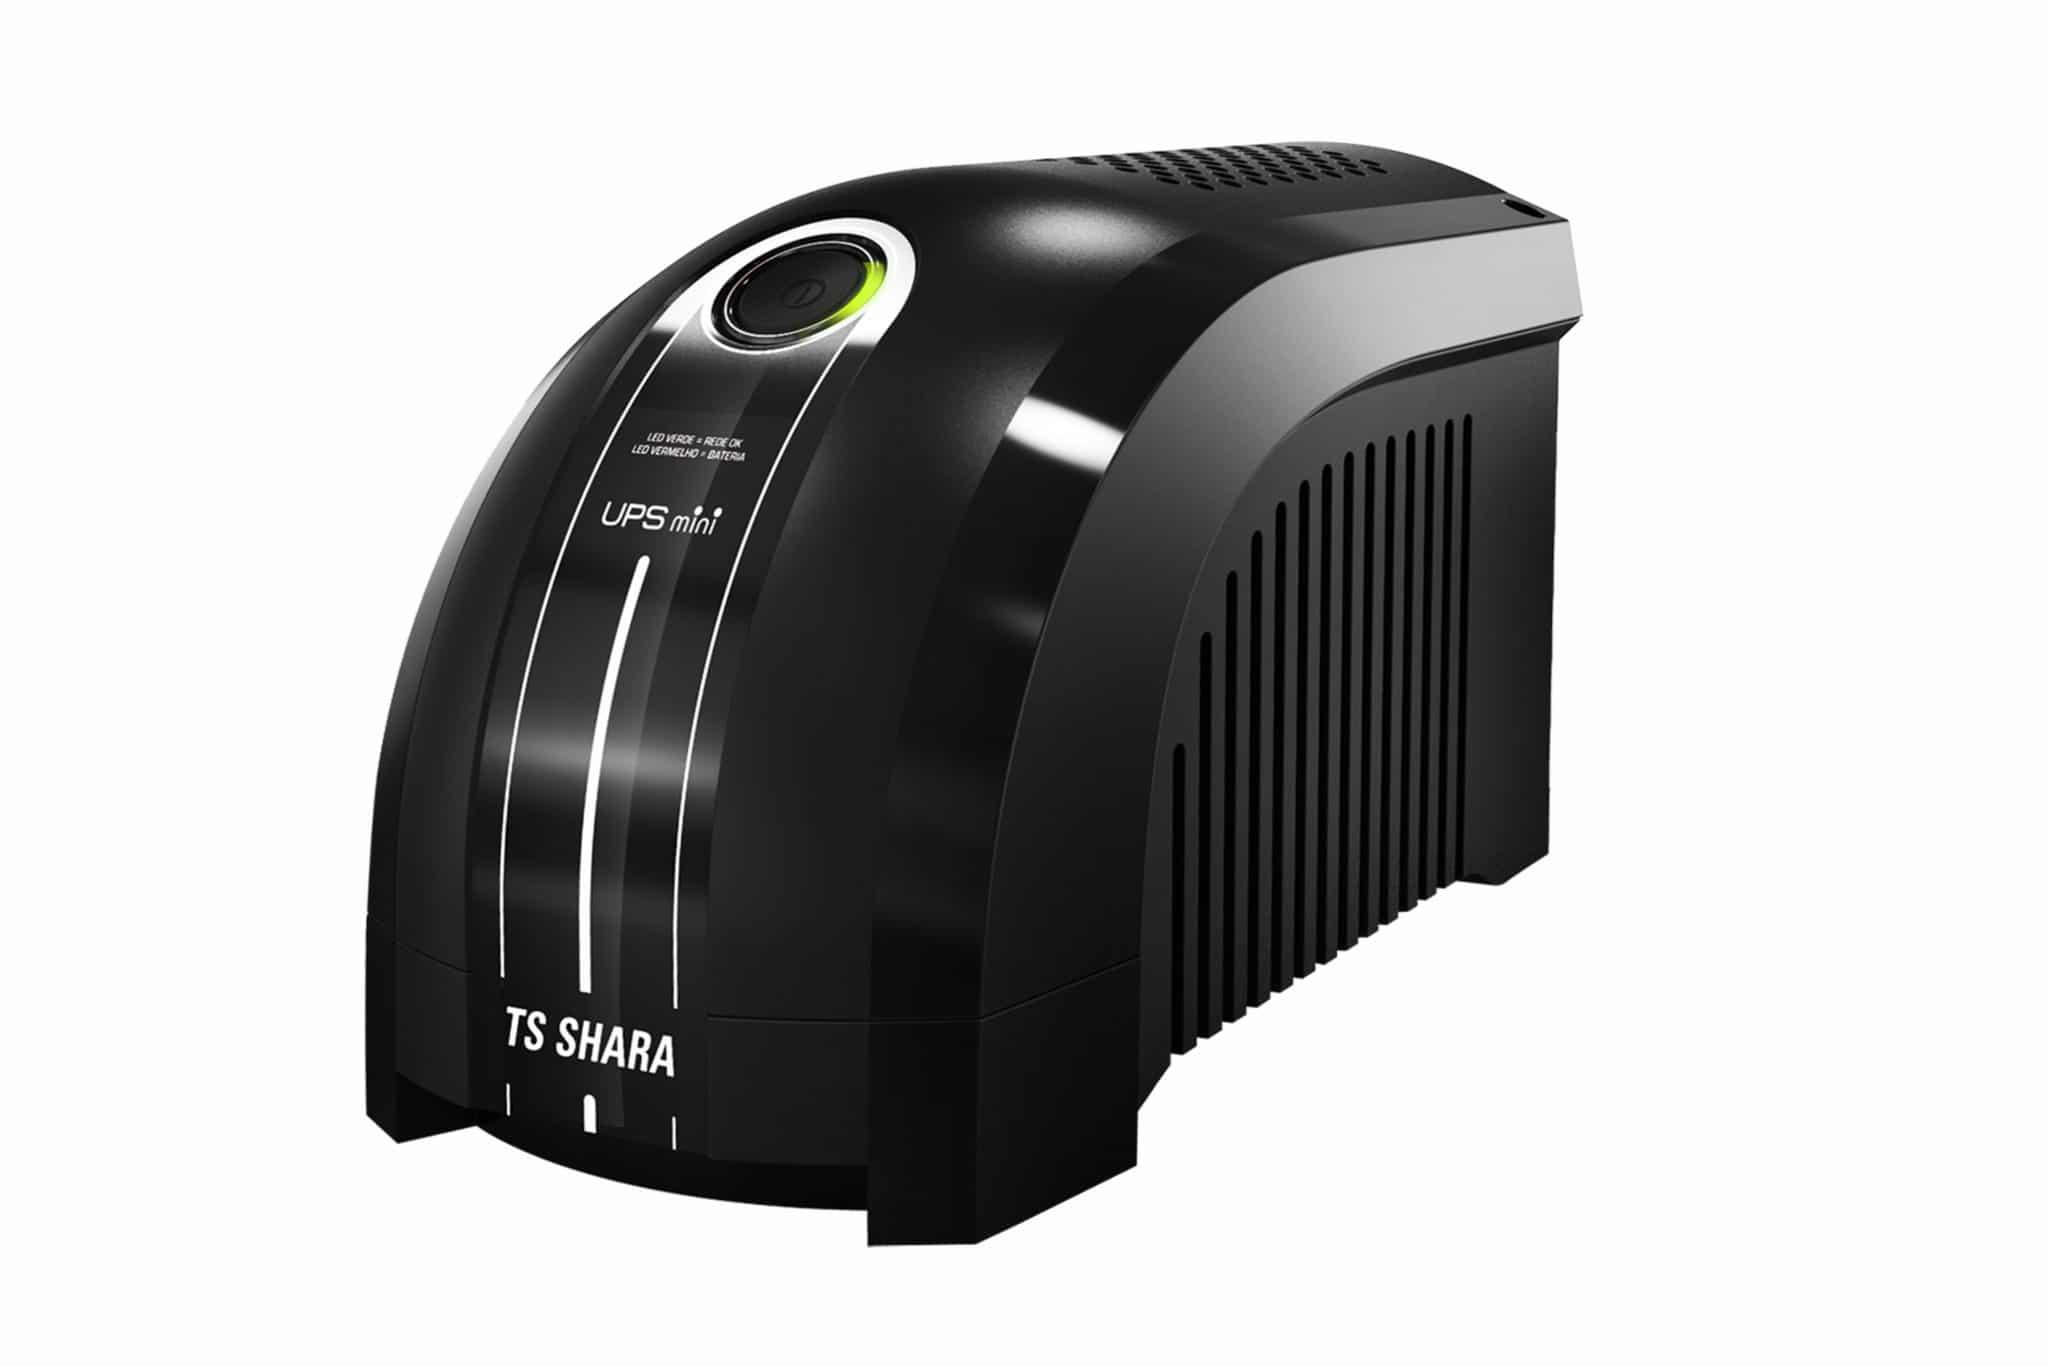 Nobreak TS Shara UPS Mini microprocessado da TS SHARA é a melhor relação custo benefício do mercado, pois renune tecnologia e preço competitivo.